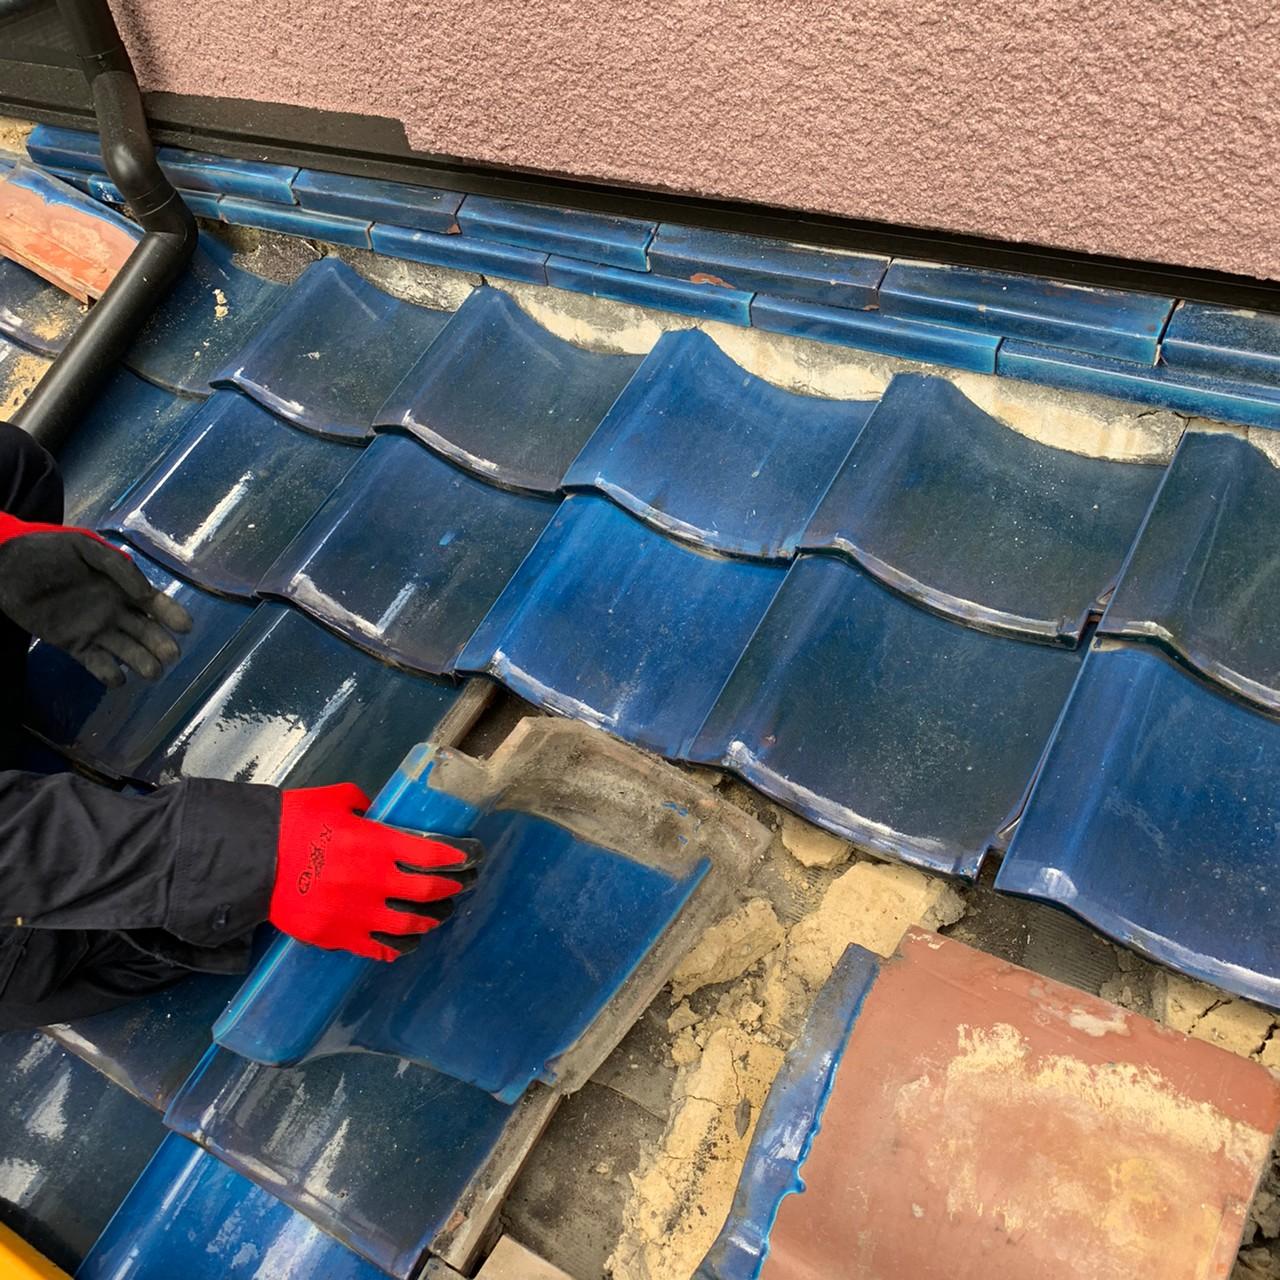 瓦屋根葺き替えで雨漏りしている瓦屋根を撤去している様子